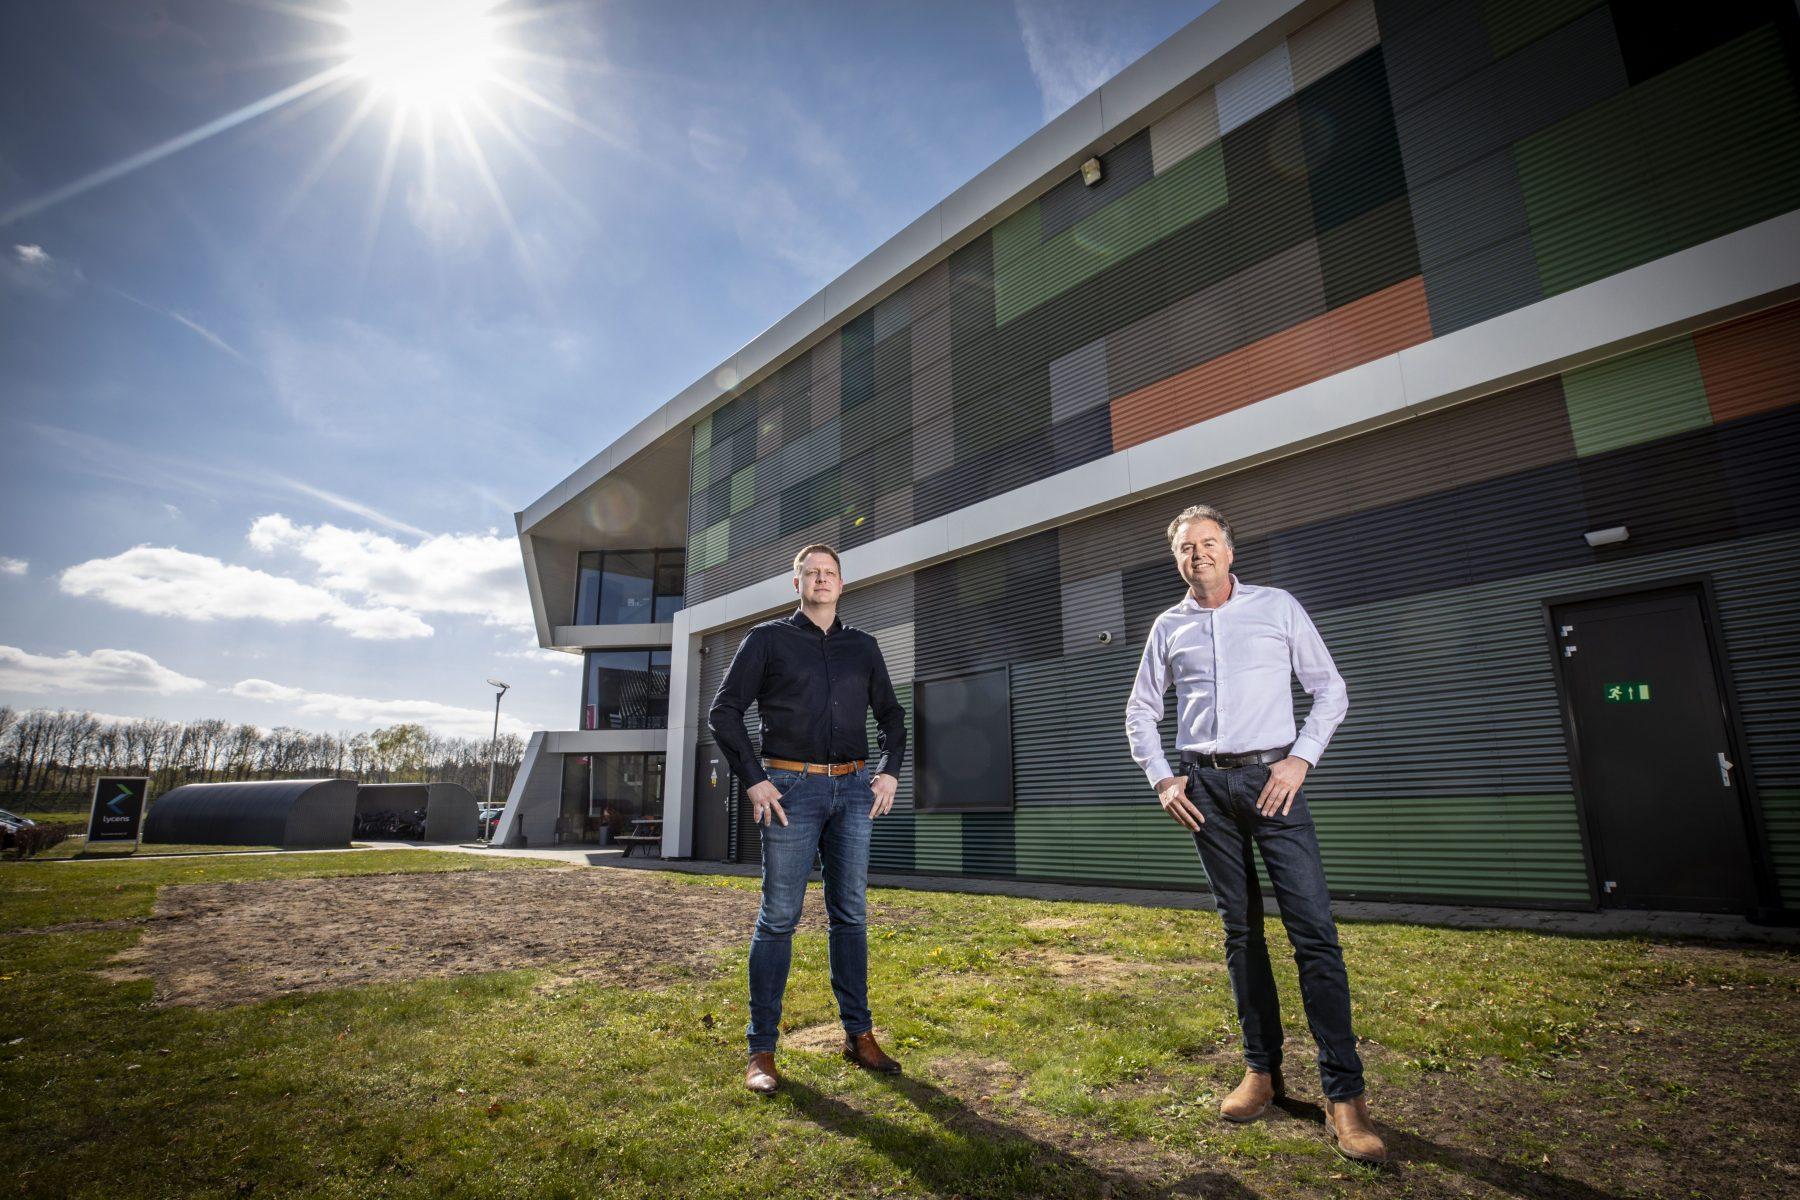 Bedrijf Lycens uit Oldenzaal: van benedenverdieping naar nieuw pand op Hazewinkel